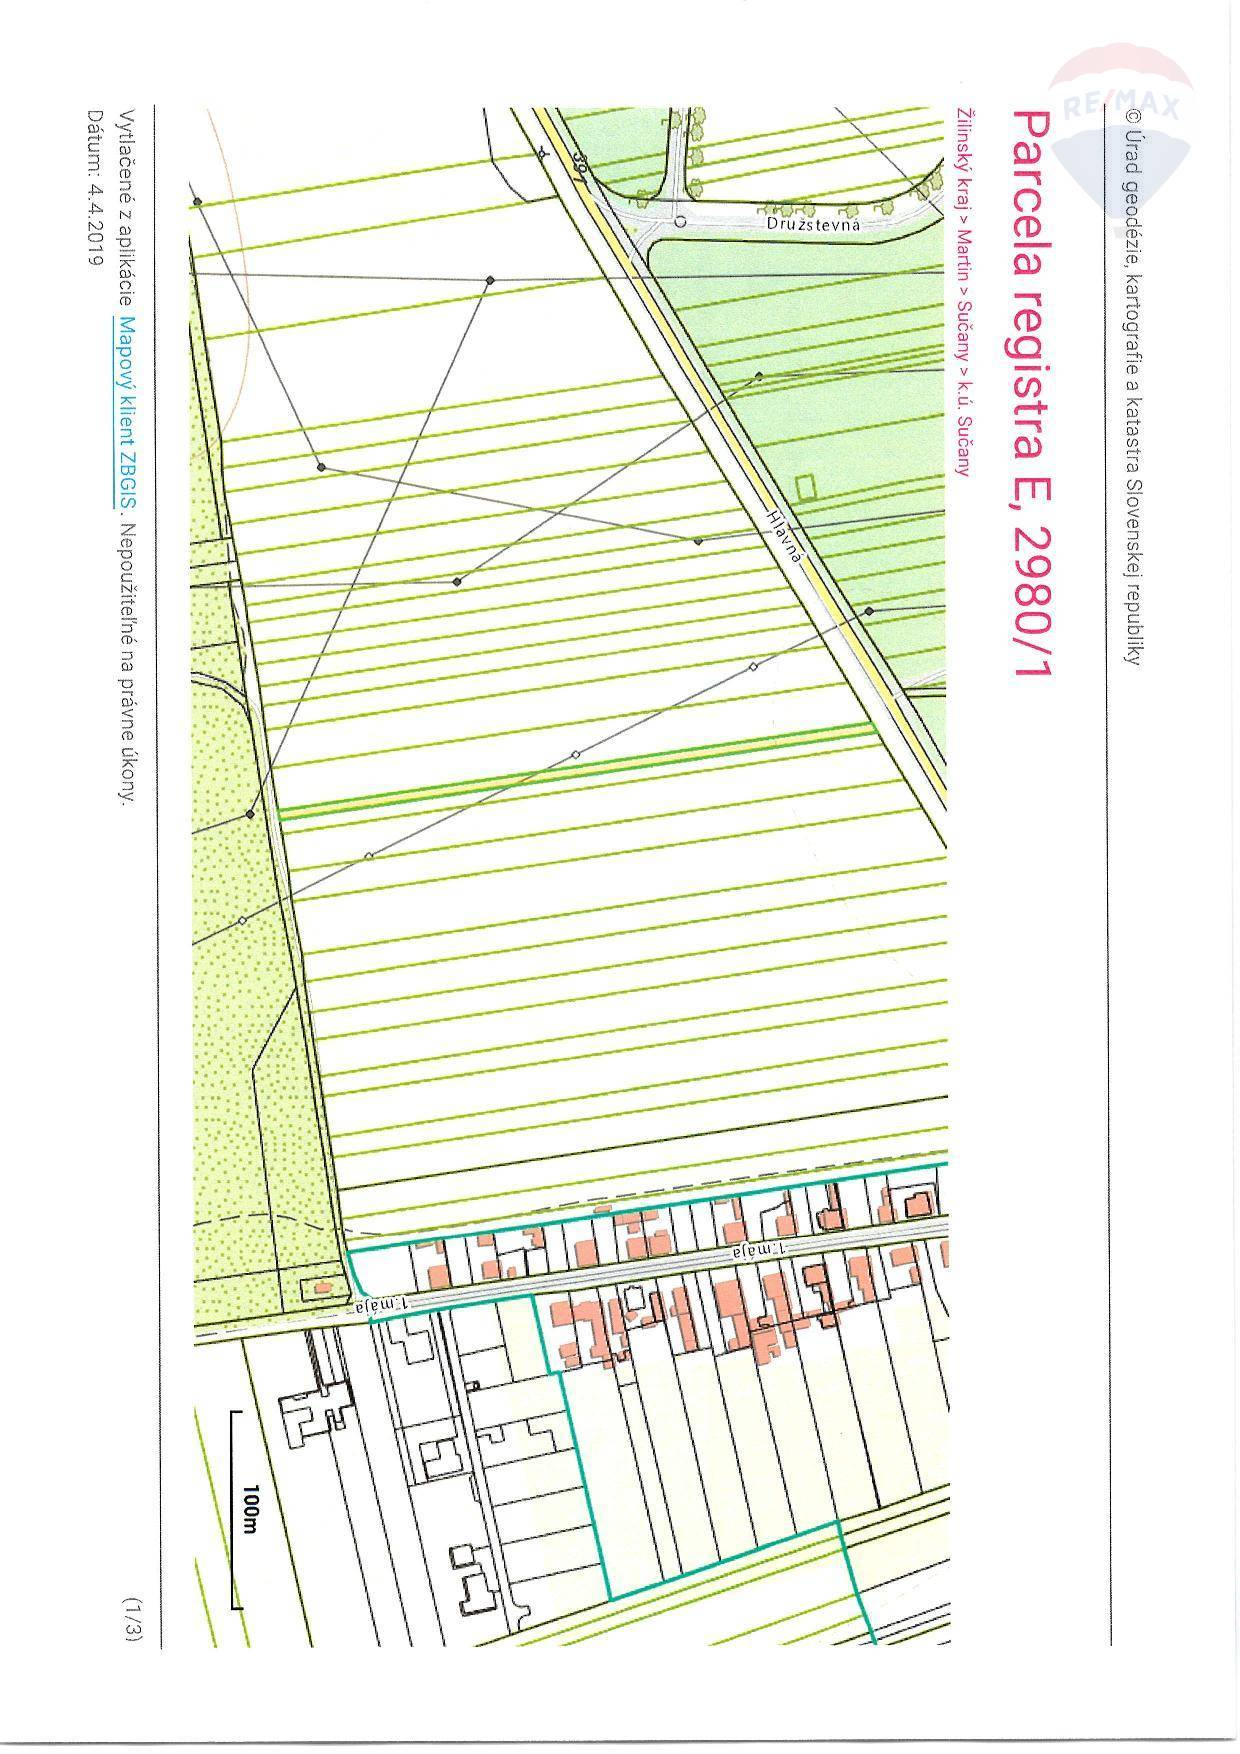 Predaj pozemku 7485 m2, Sučany - Pozemok/Sučany